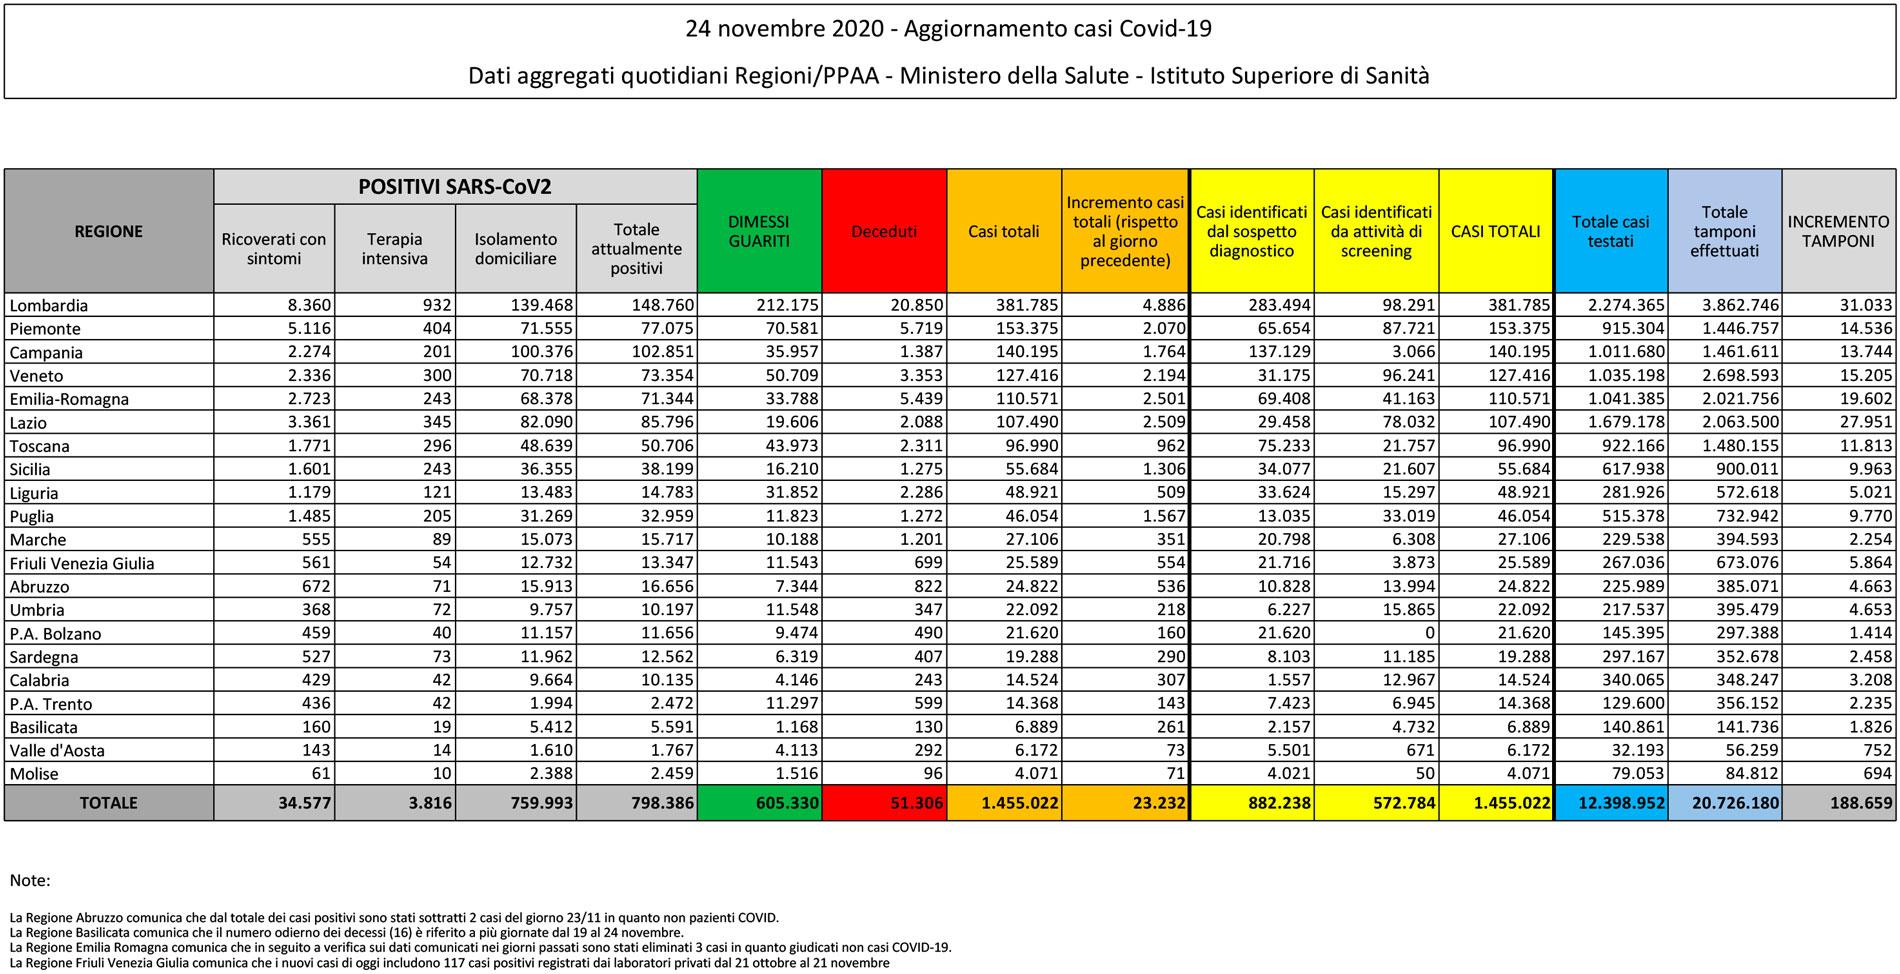 tabella del bollettino del 24 novembre 2020 contenente i dati sul coronavirus (o covid) in italia